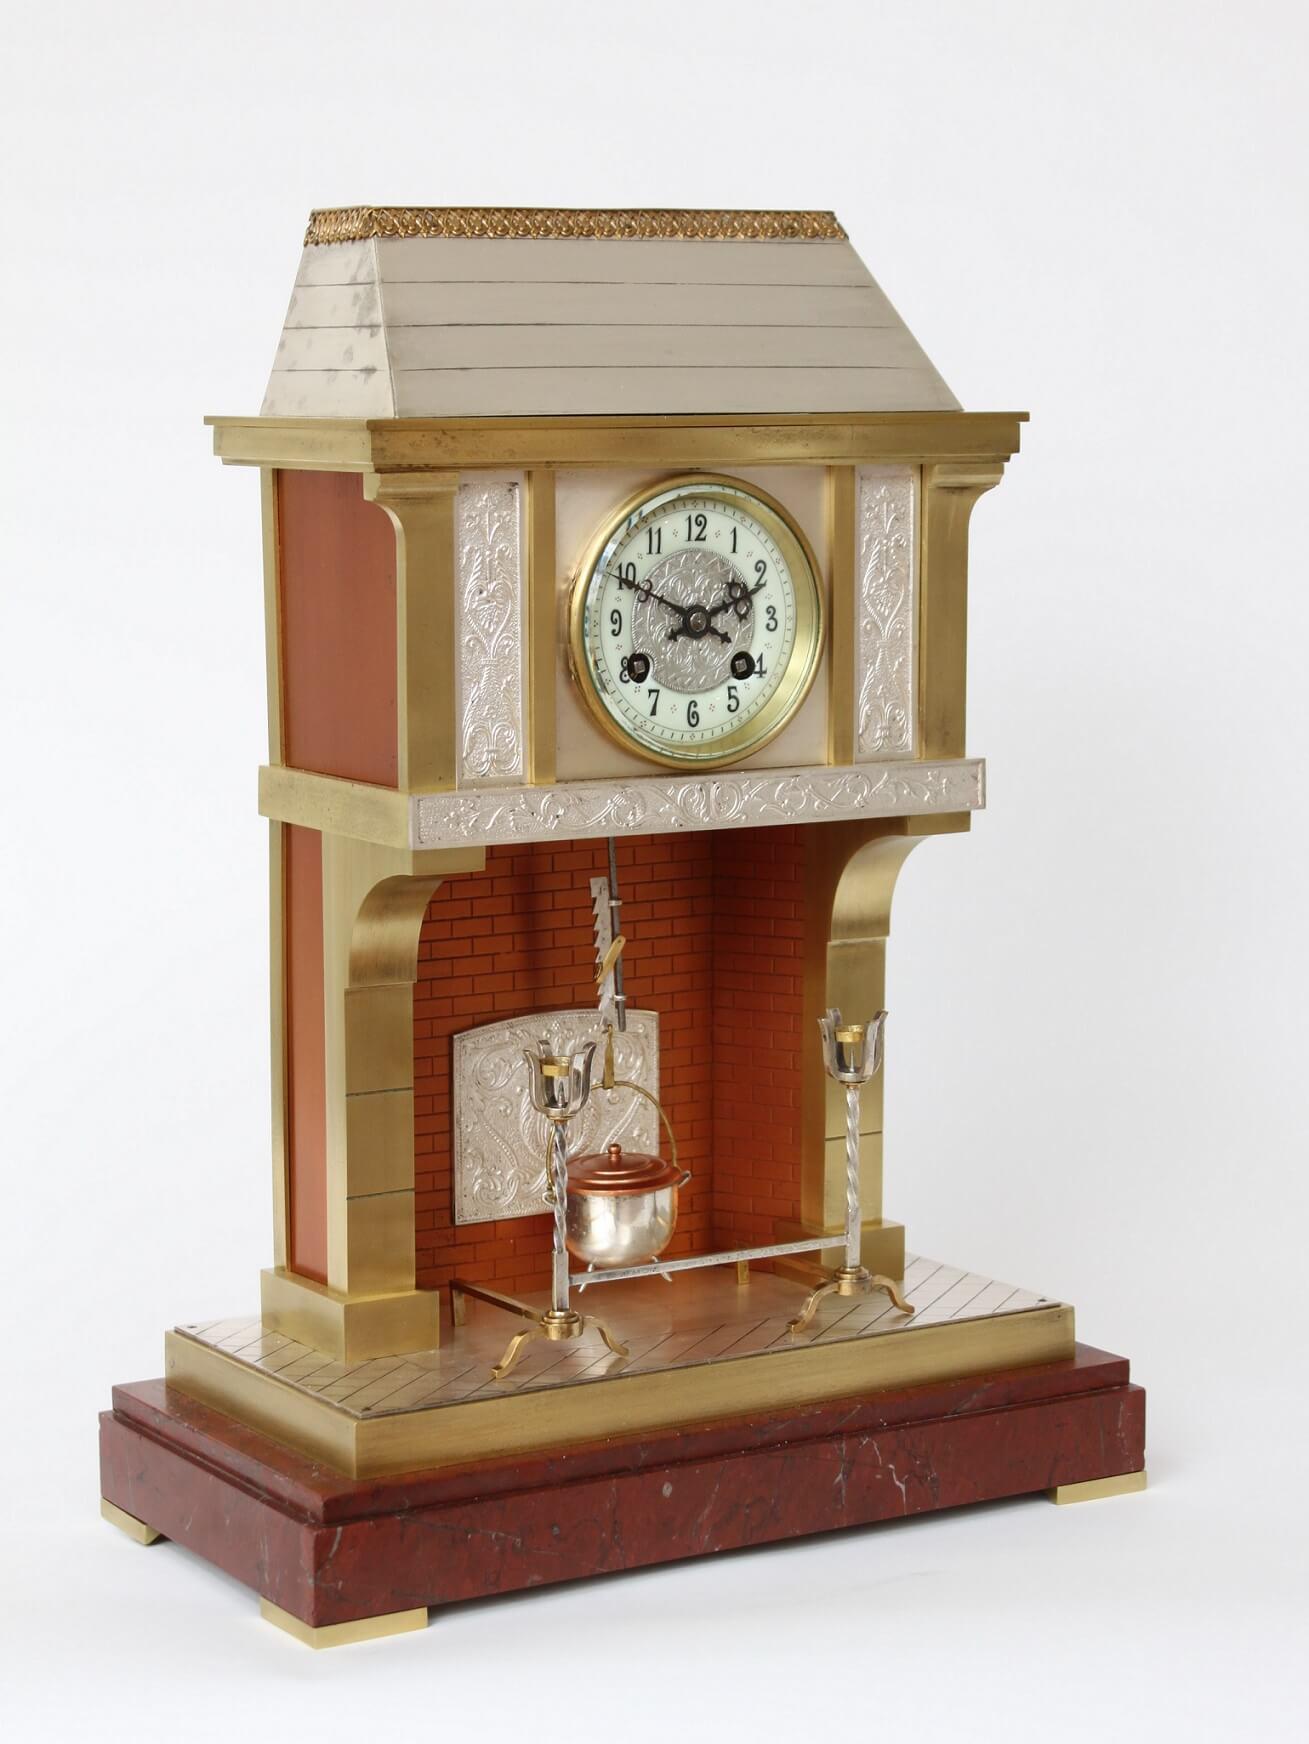 Frans-industriële-pendule-messing-antieke-klok